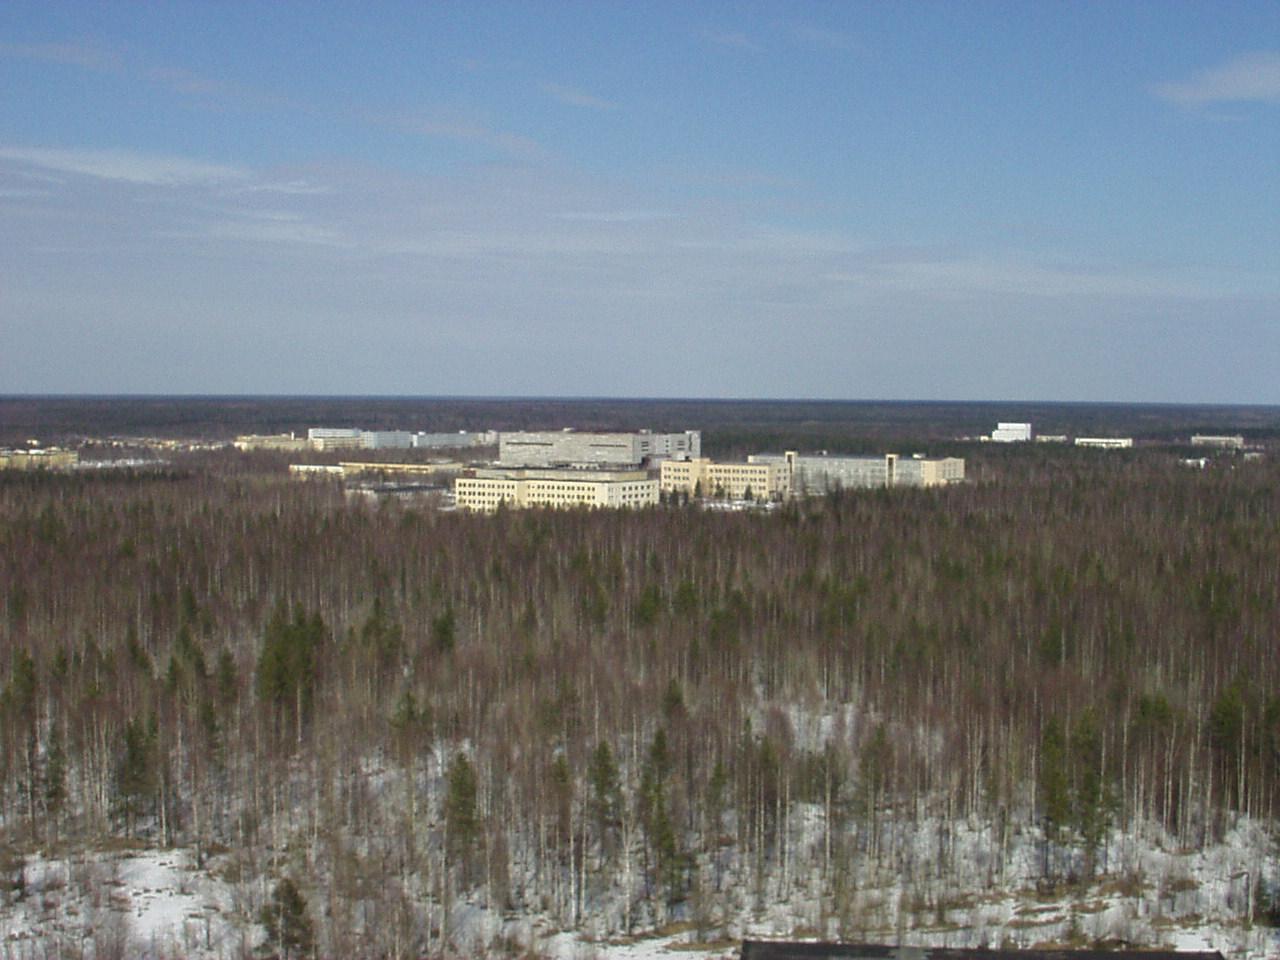 Súčasná podoba montážnych budov ruského kozmodrómu Pleseck. Zdroj.